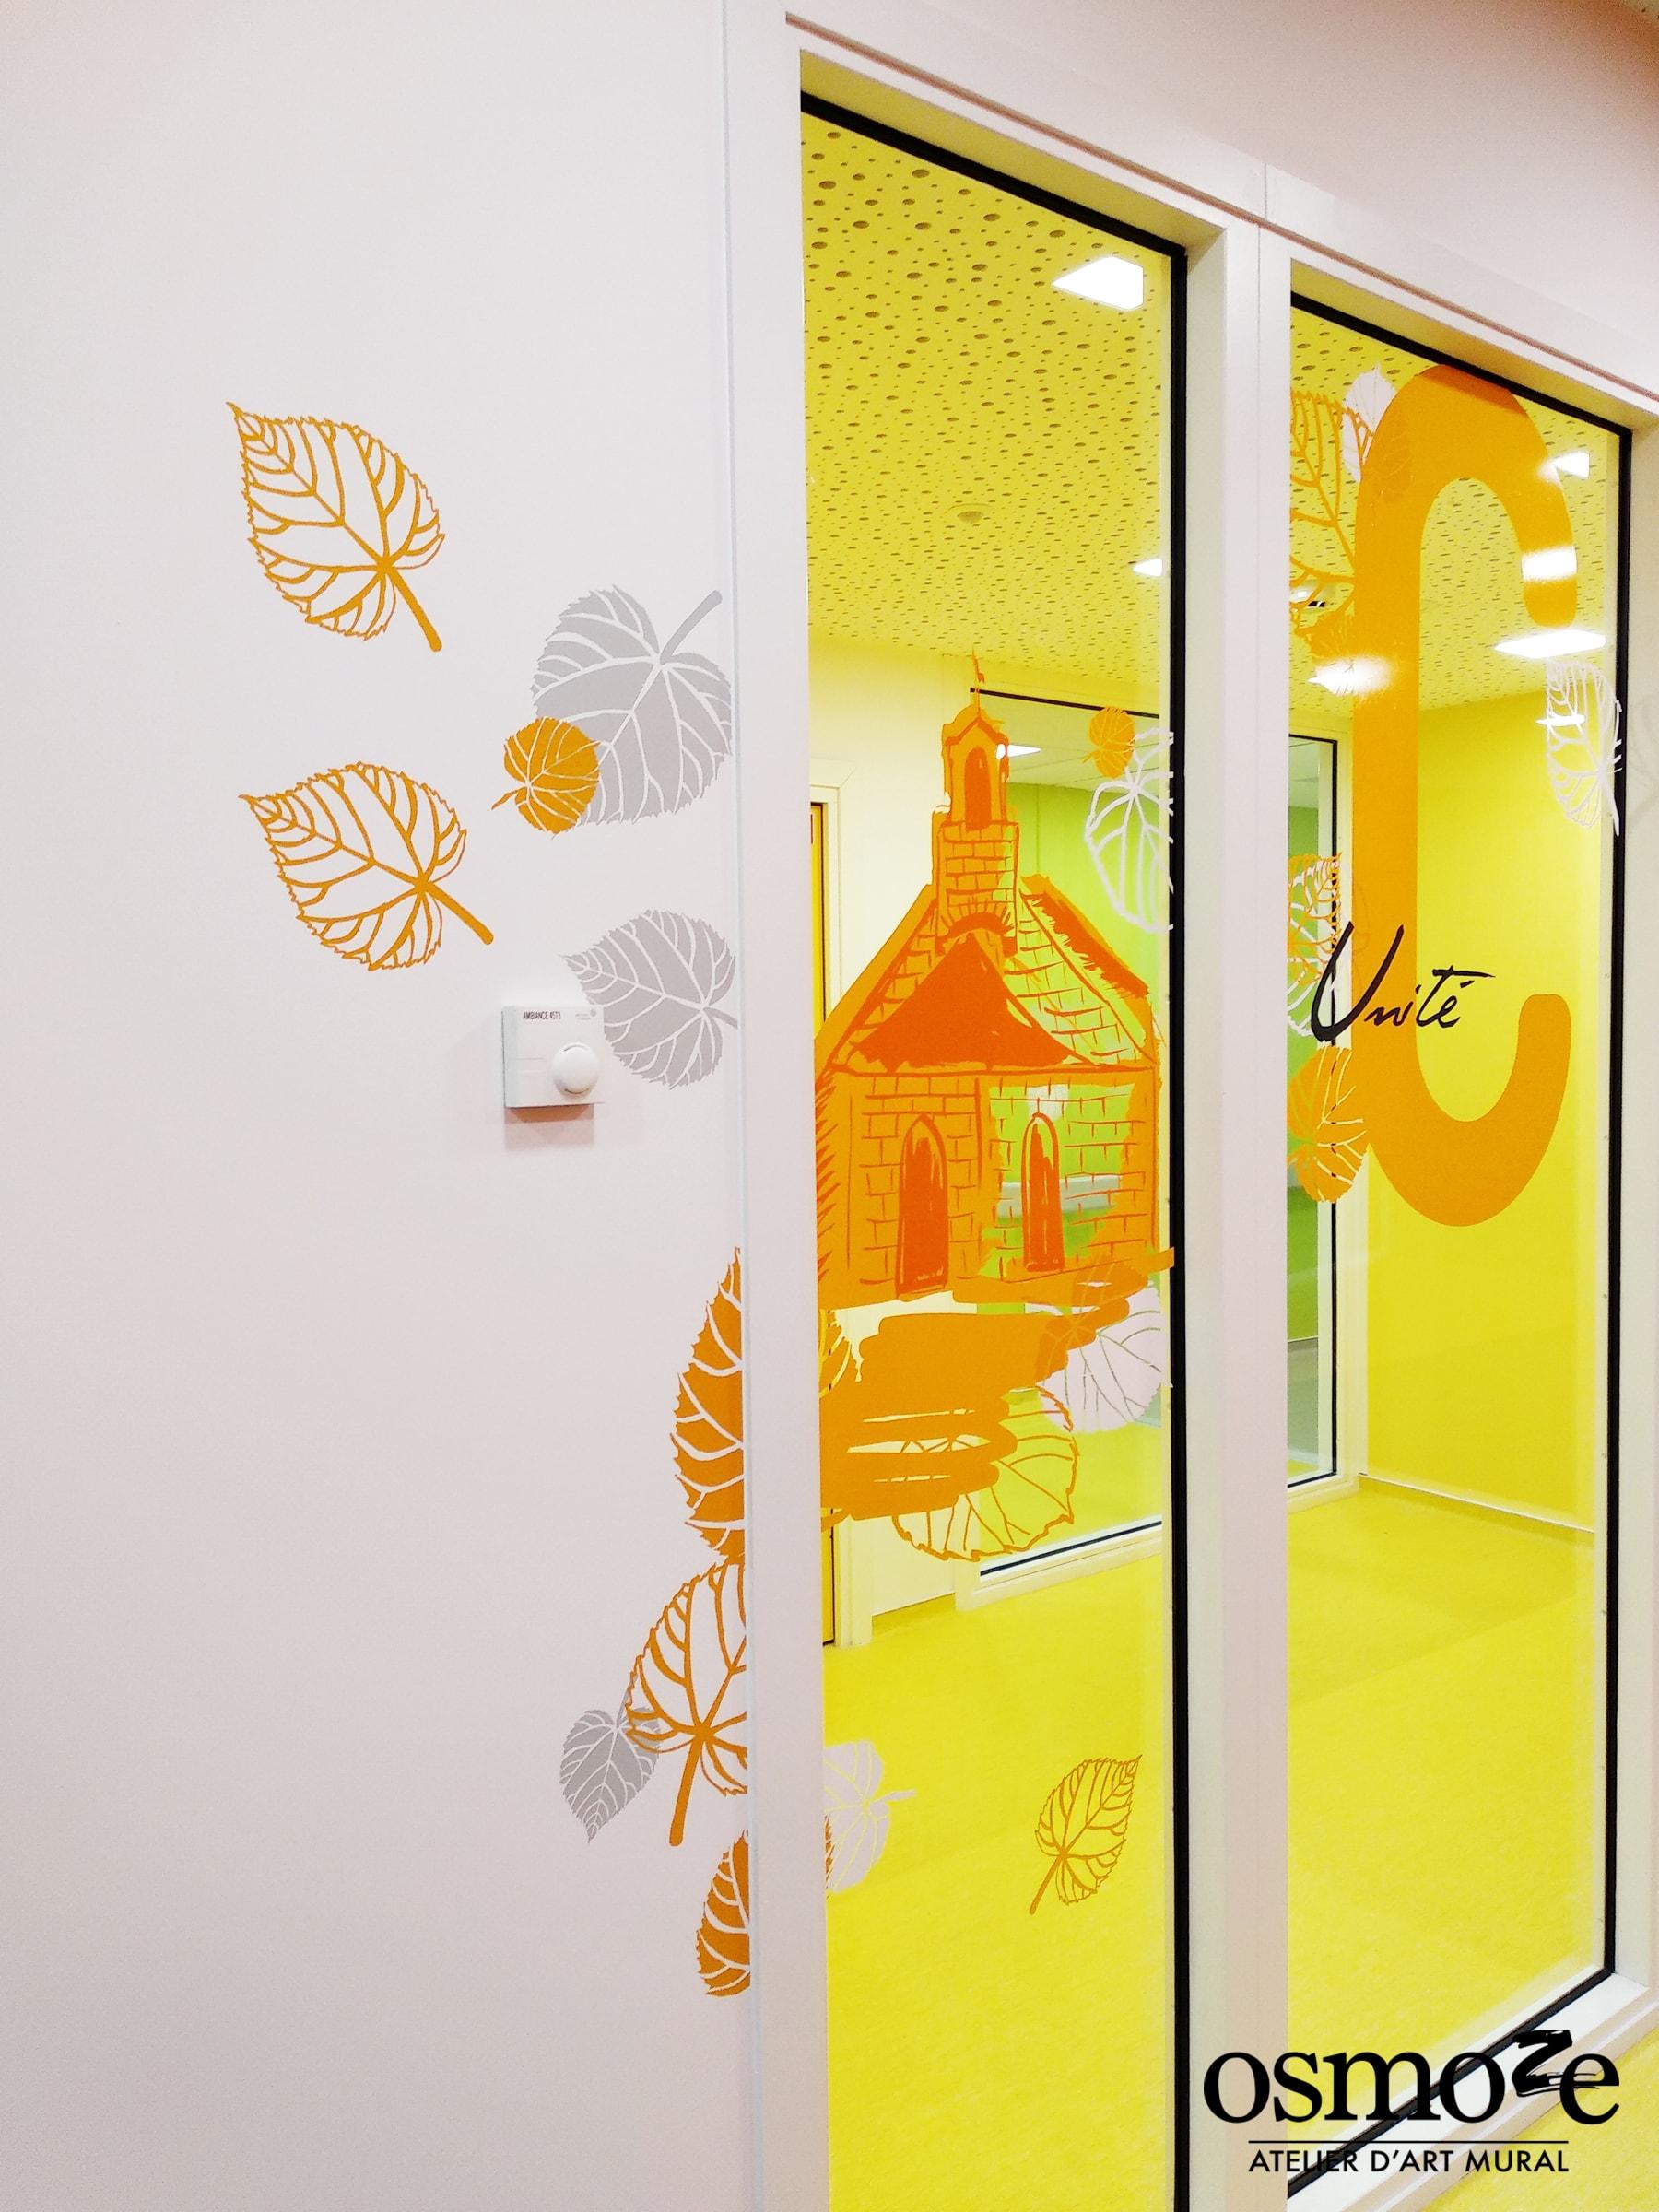 Décoration murale > Signalétique artistique > Vitrophanie > Osmoze > EPSAN > Cronenbourg > Strasbourg